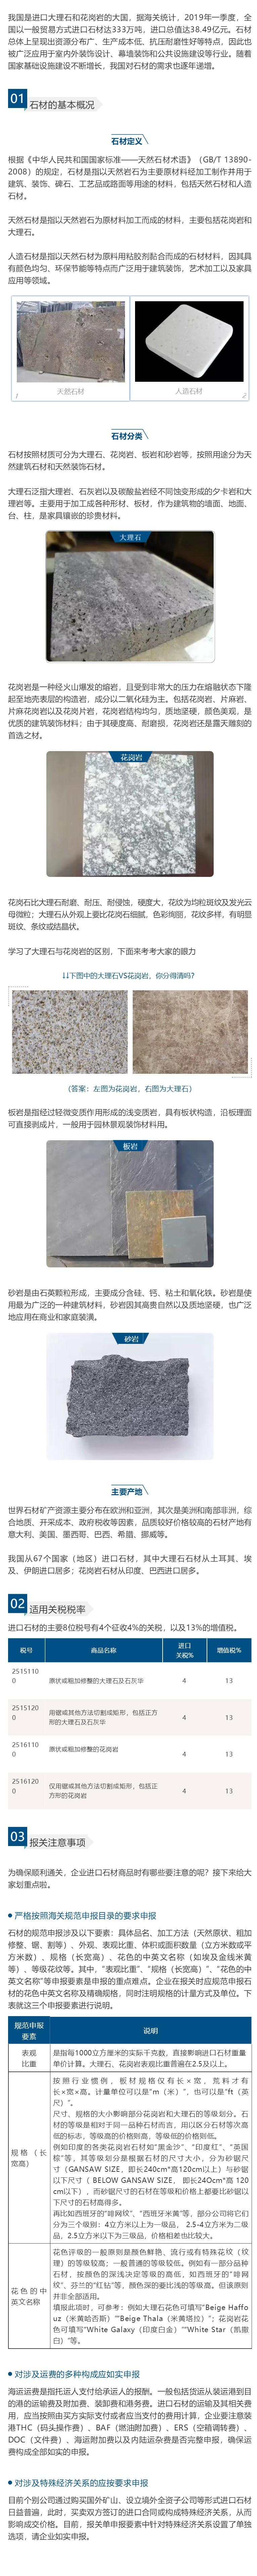 上海石材进口报关.jpg